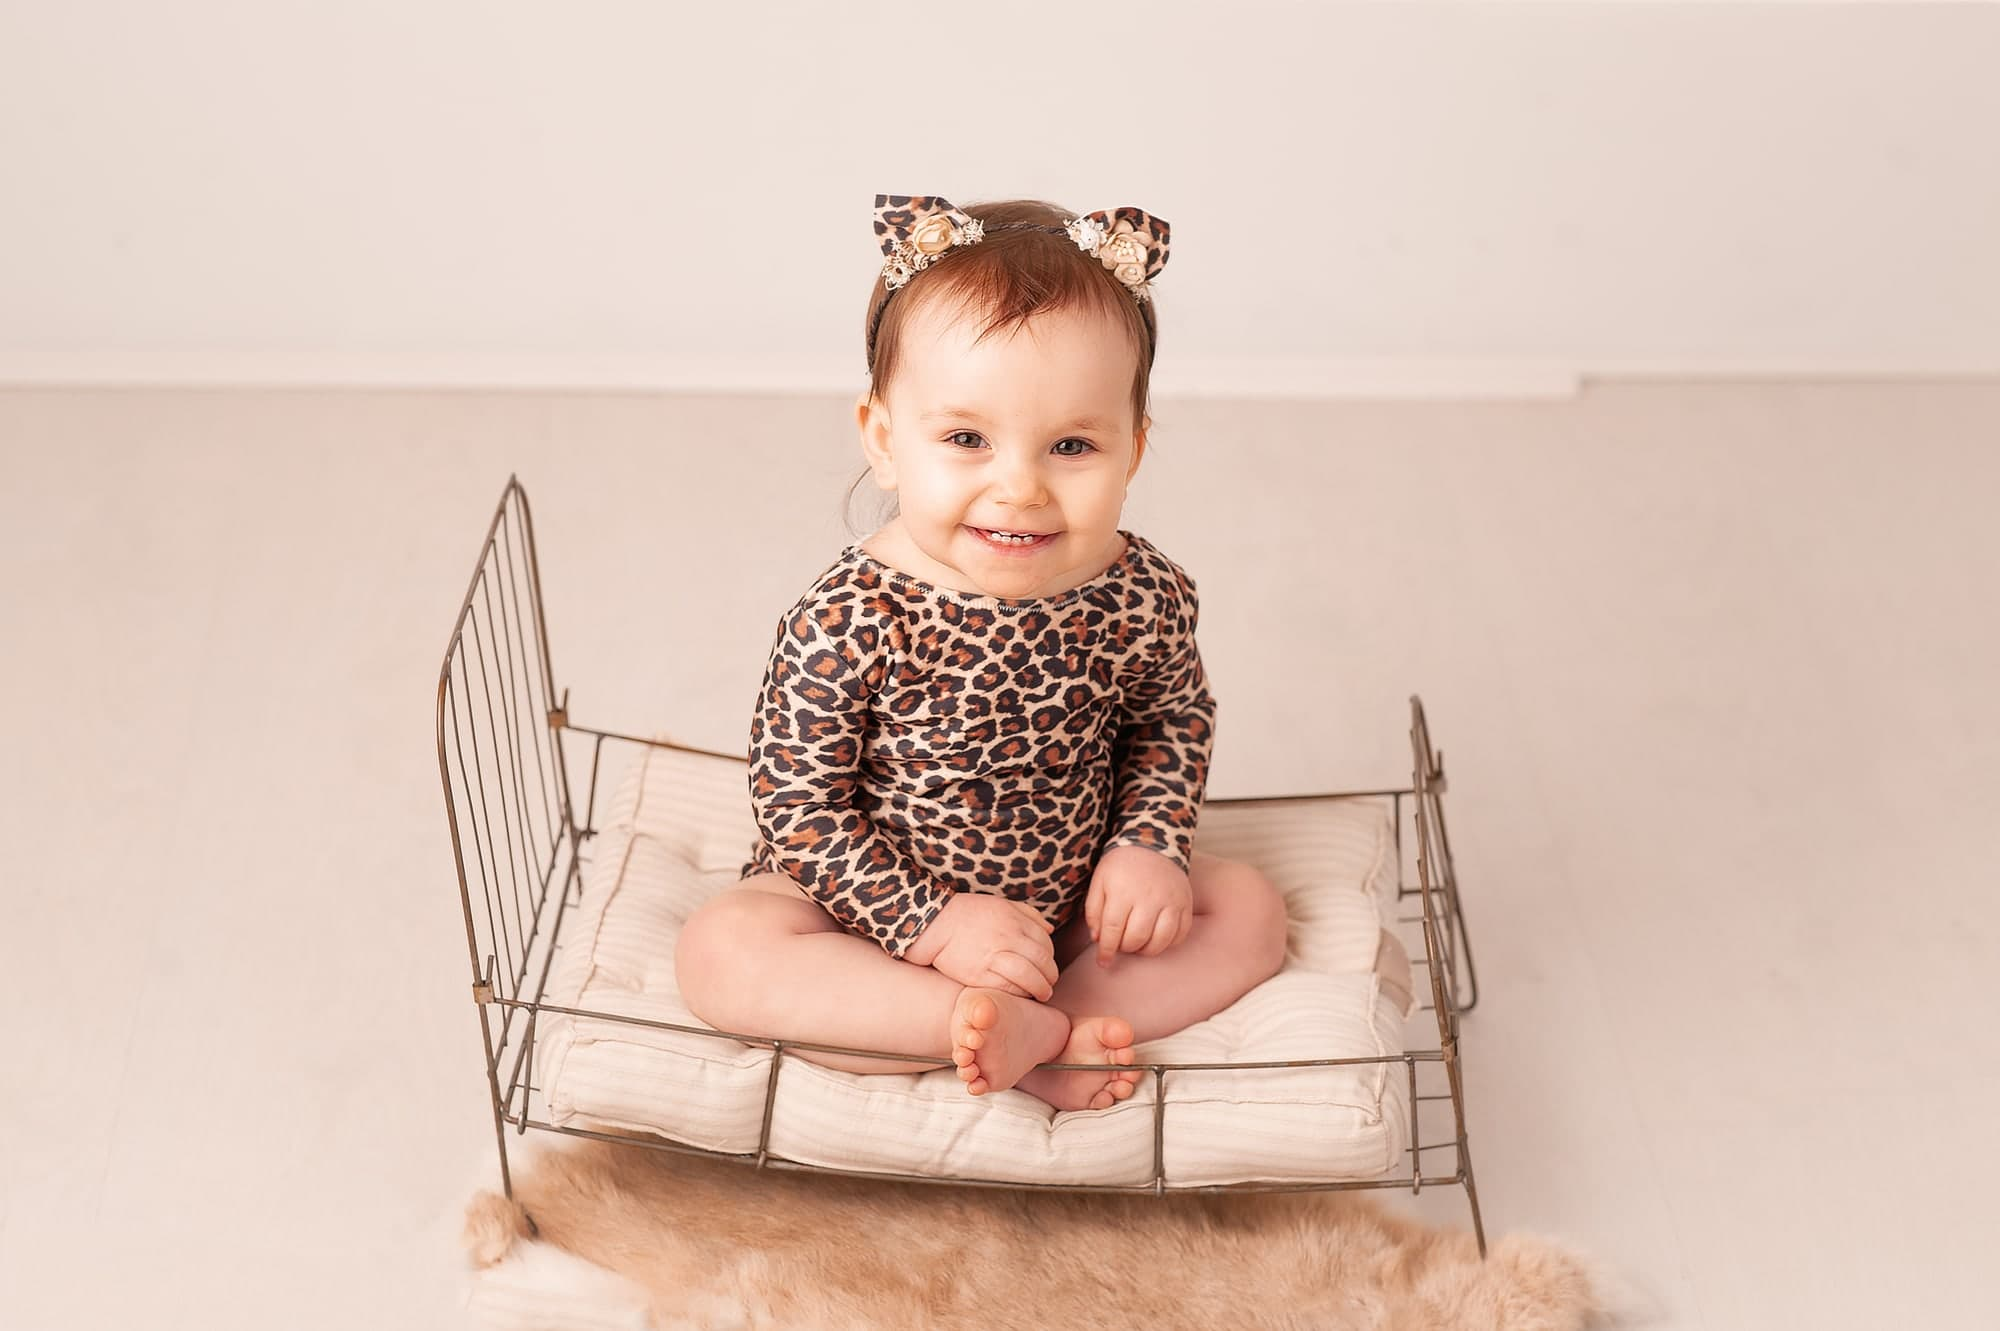 little sitter, milestone, baby girl, chislehurst, london photographer,